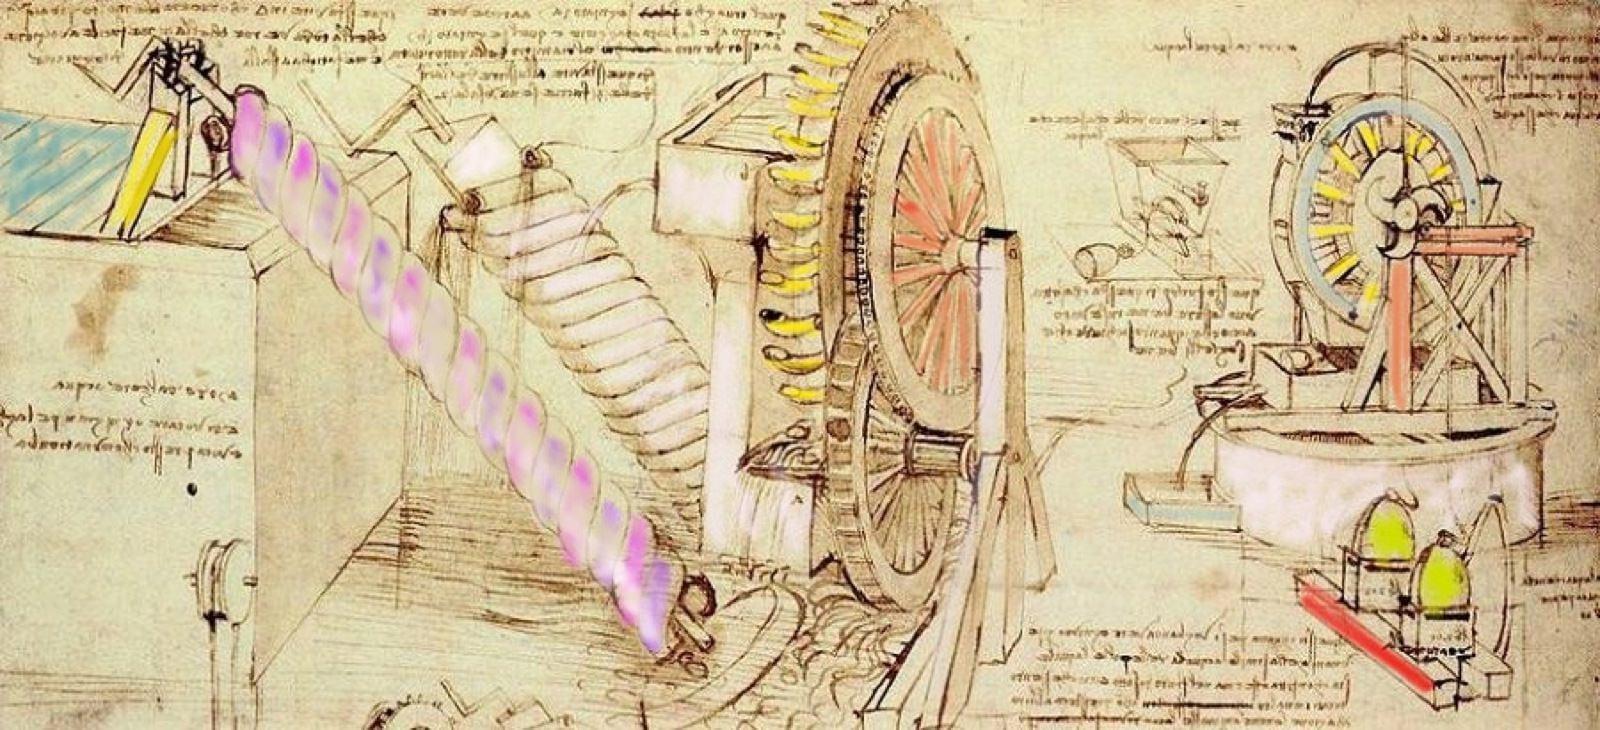 Degli schizzi di Leonardo che mostrano degli ingranaggi. Alla base dell'ingegno di Leonardi vi saranno stati motivi o motivazioni?